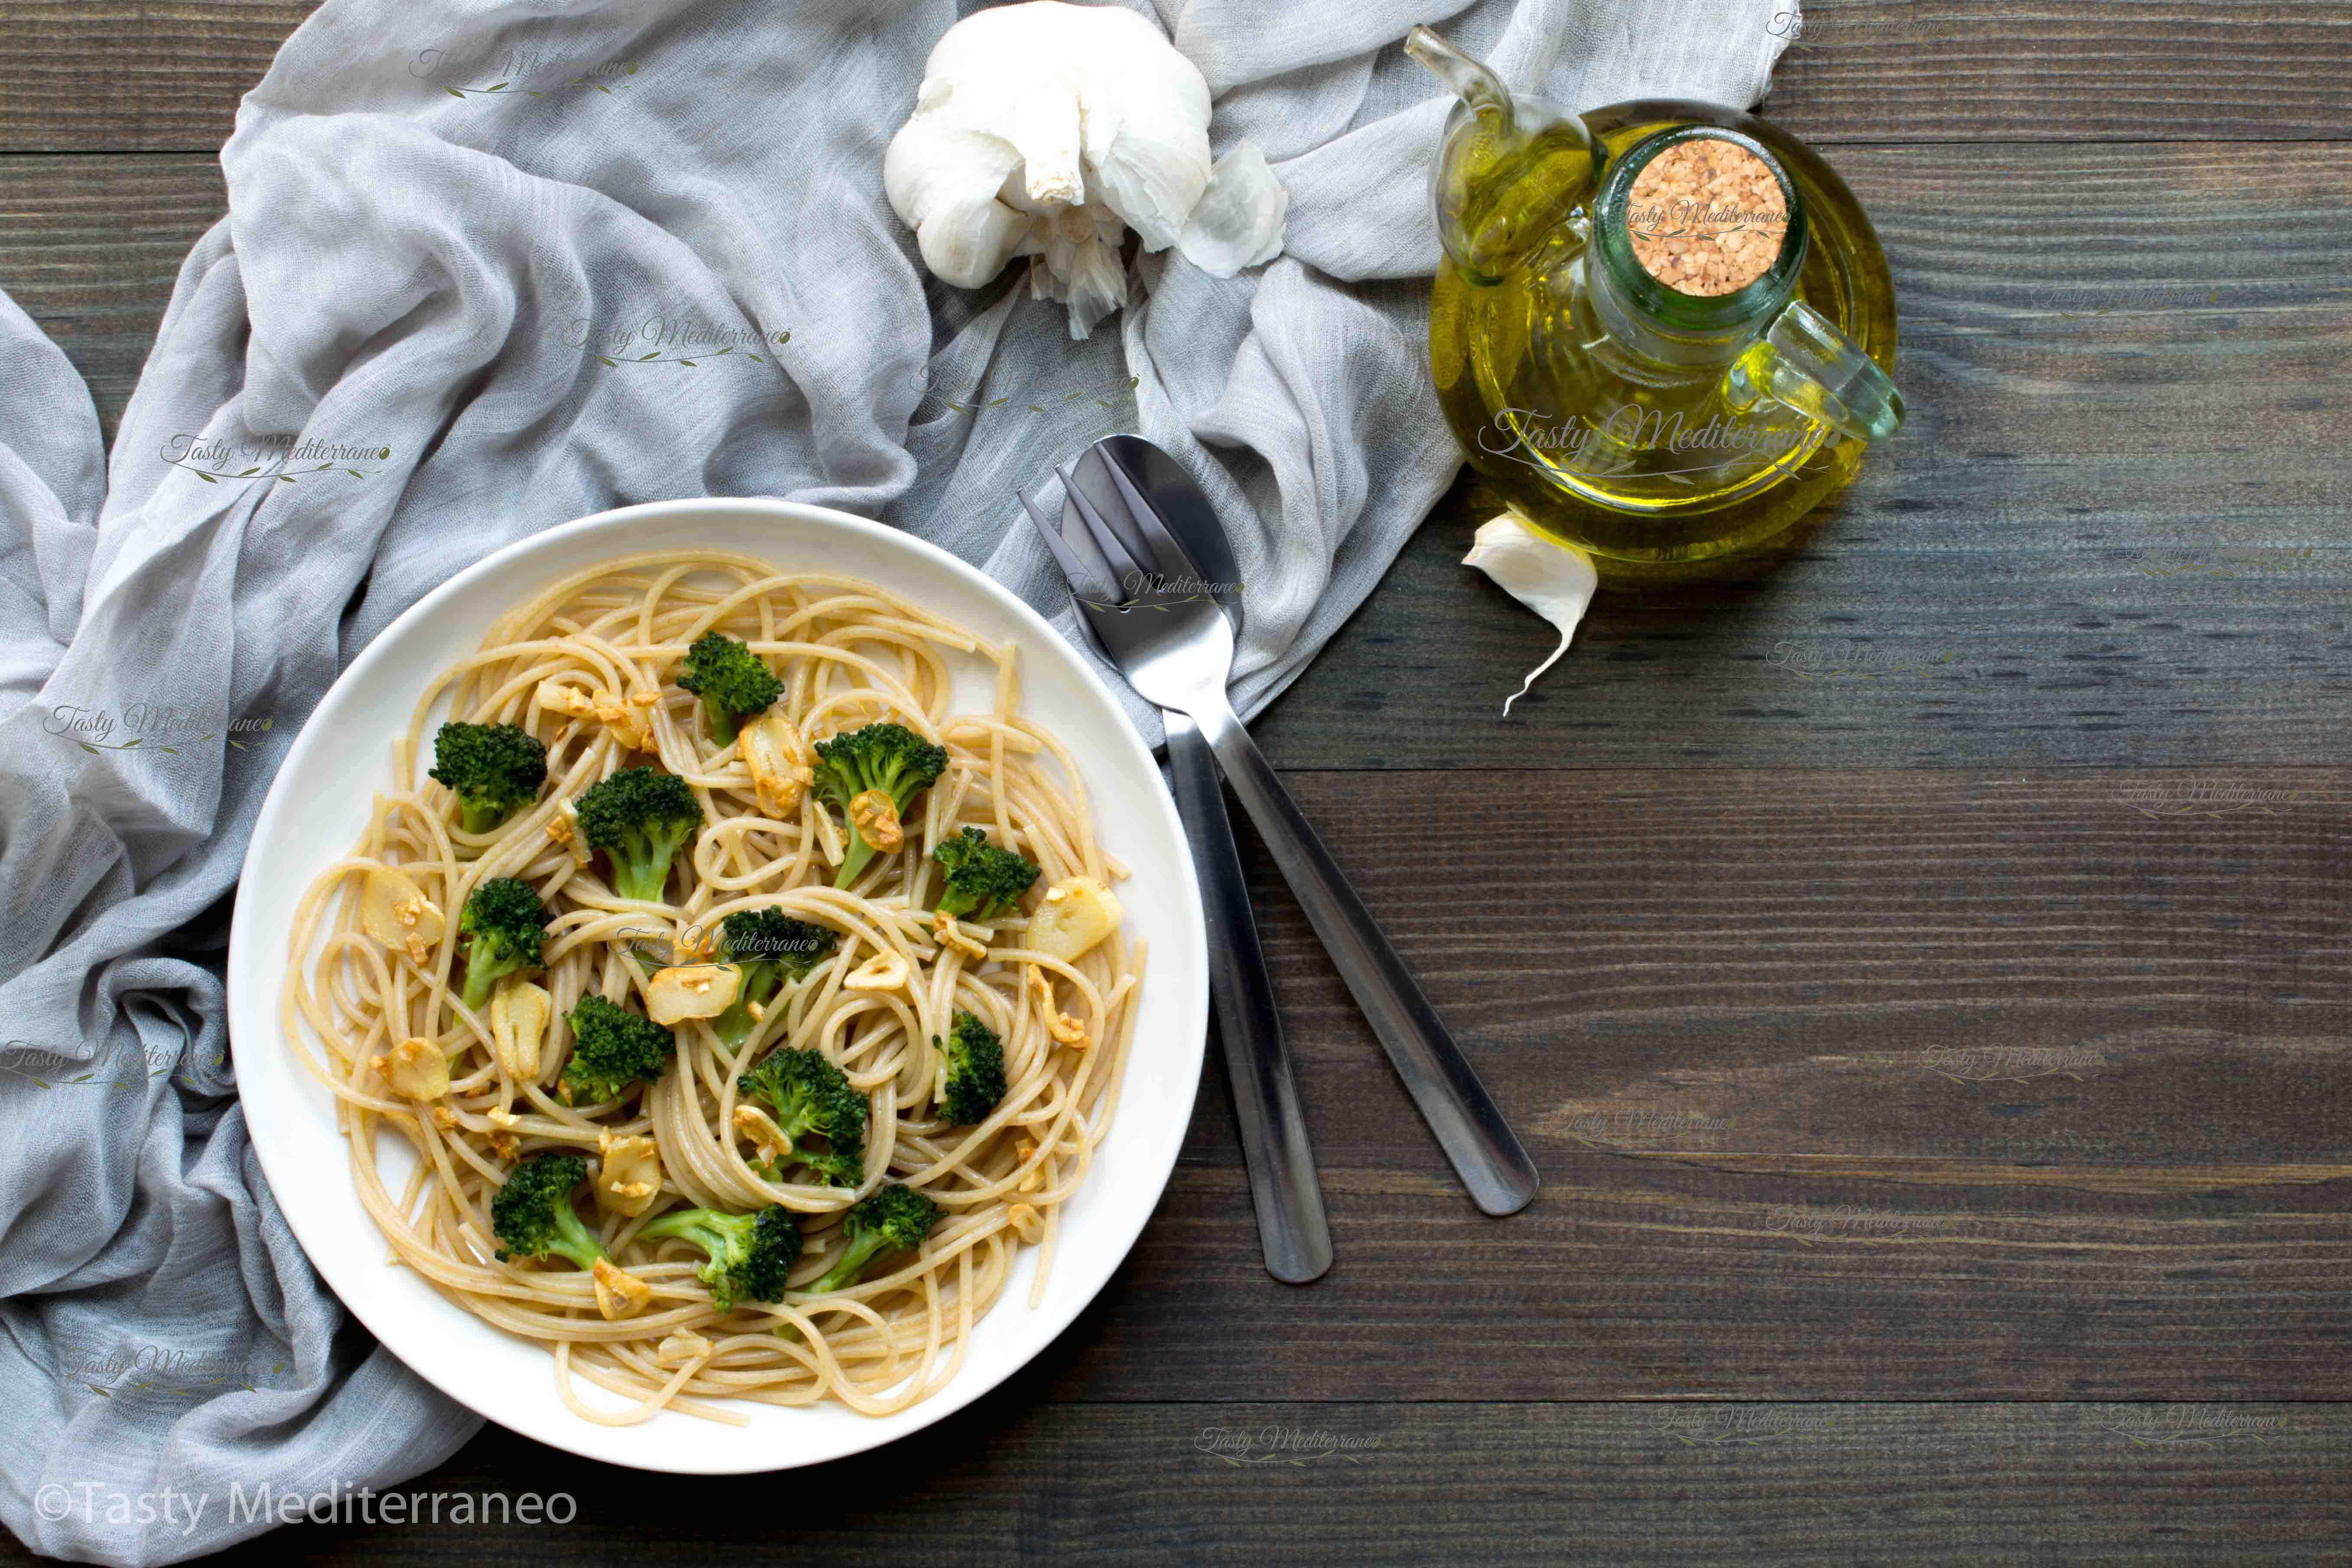 SPAGHETTI AGLIO E OLIO WITH BROCCOLI-Easy to prepare Mediterranean Diet Recipes